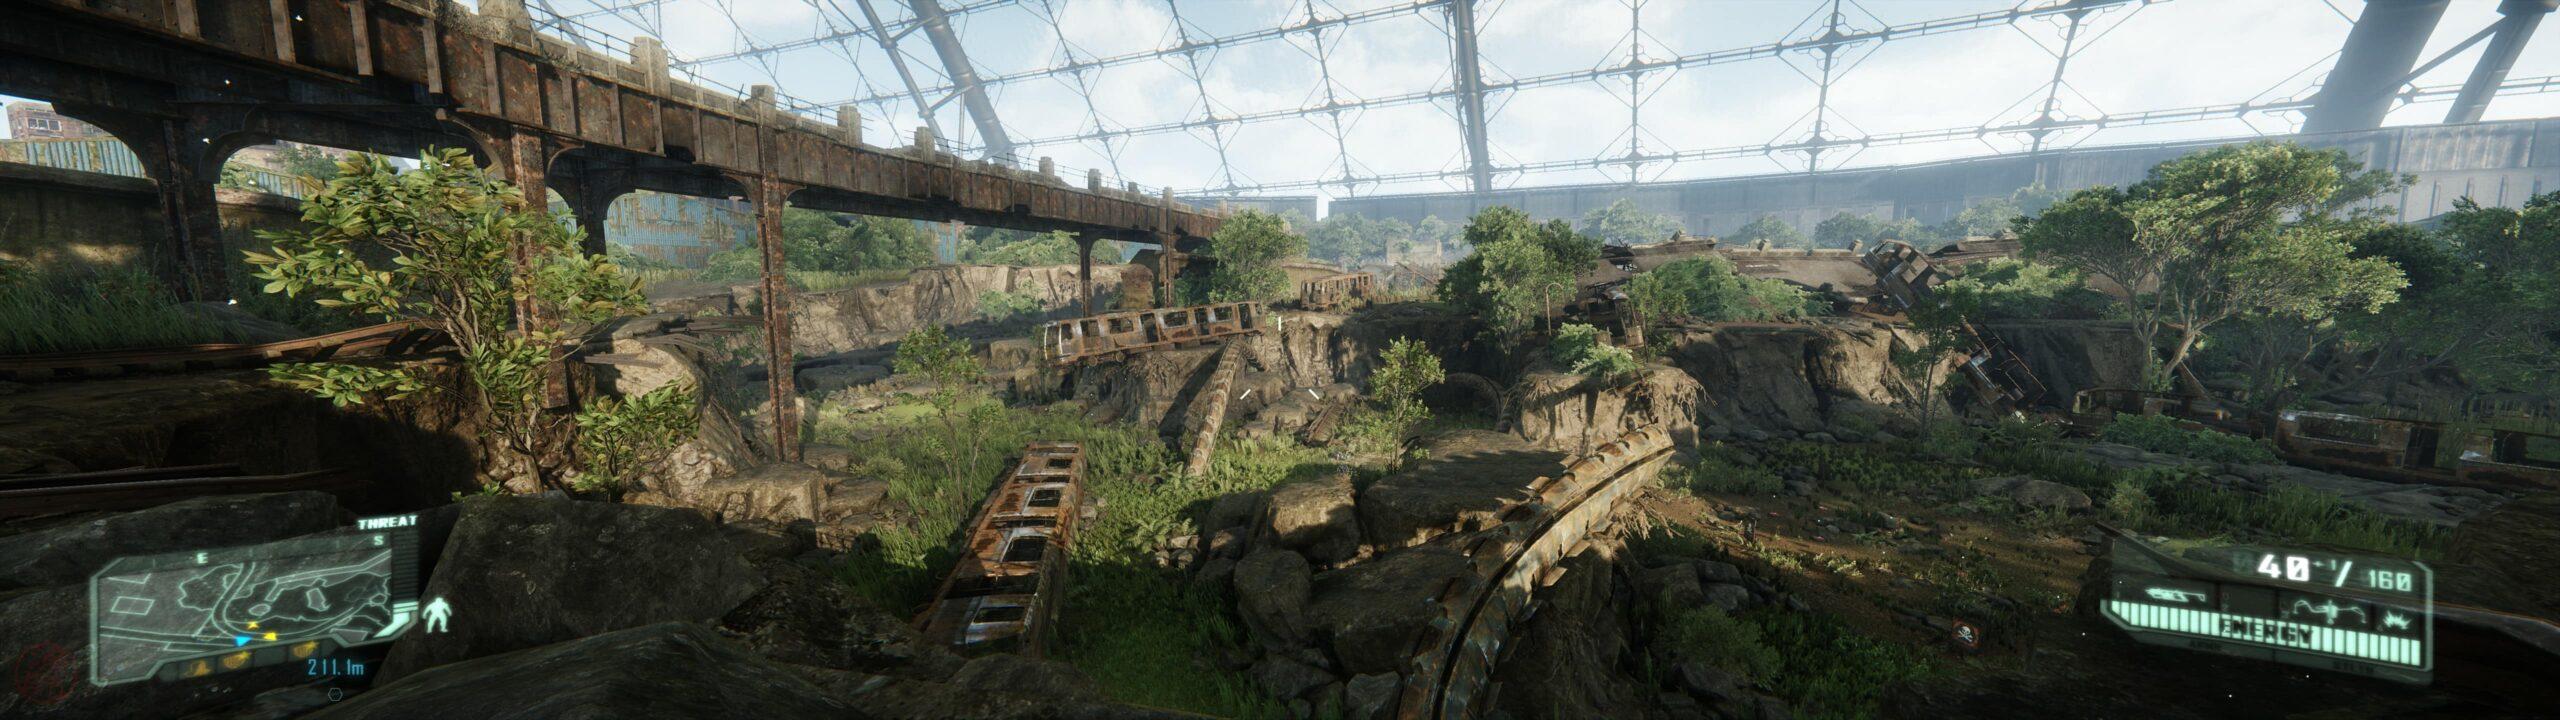 Crysis 3 (7)